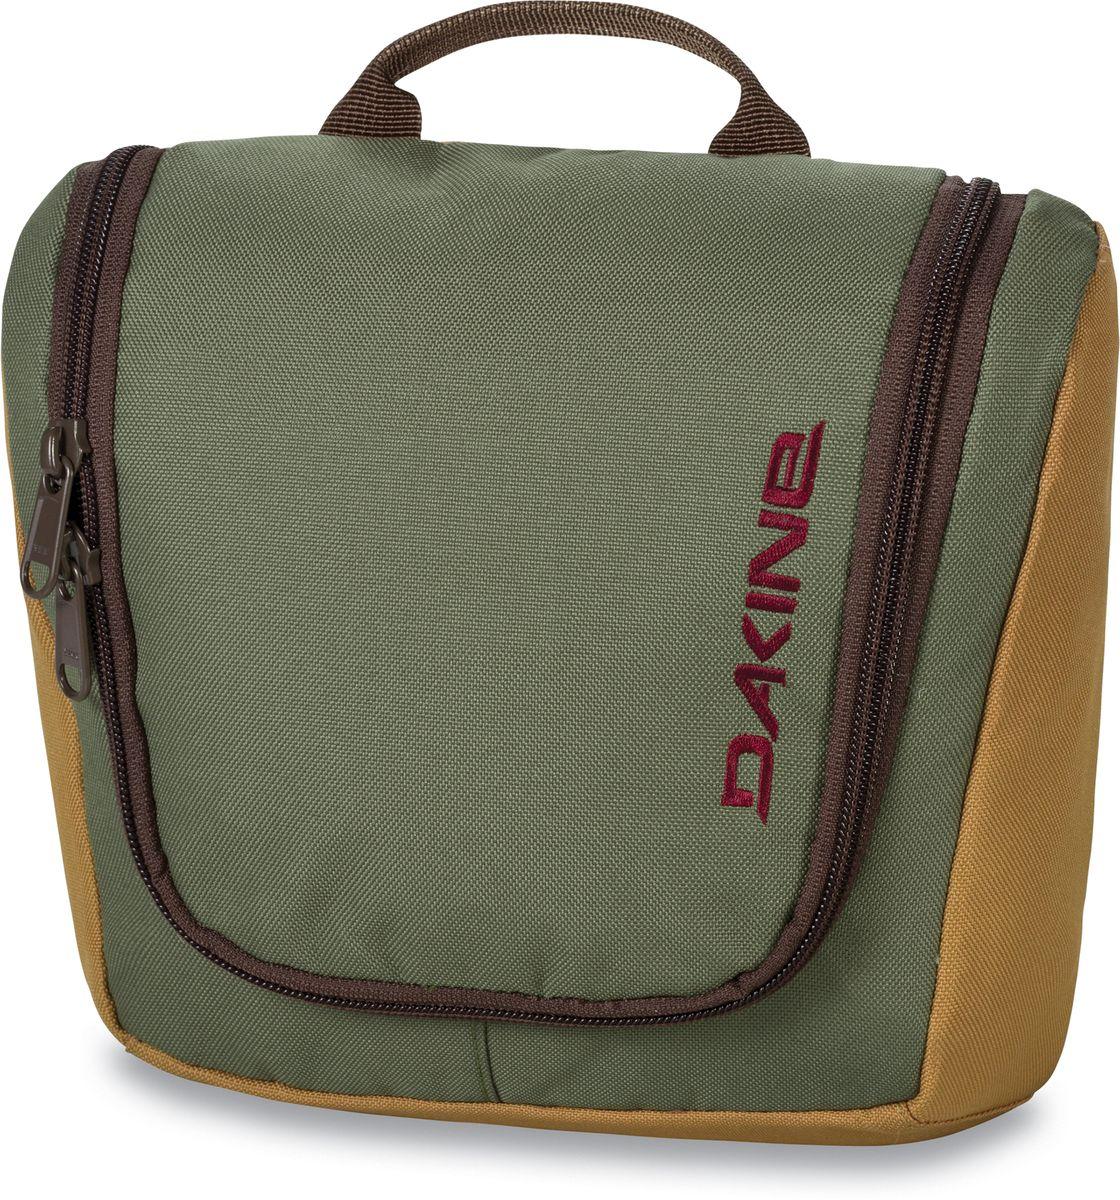 Сумка дорожная Dakine Travel Kit Yondr, цвет: светло-зеленый, 3 л. 816001000127528 8160010Сумка для косметики. Может подвешиваться за крючок.